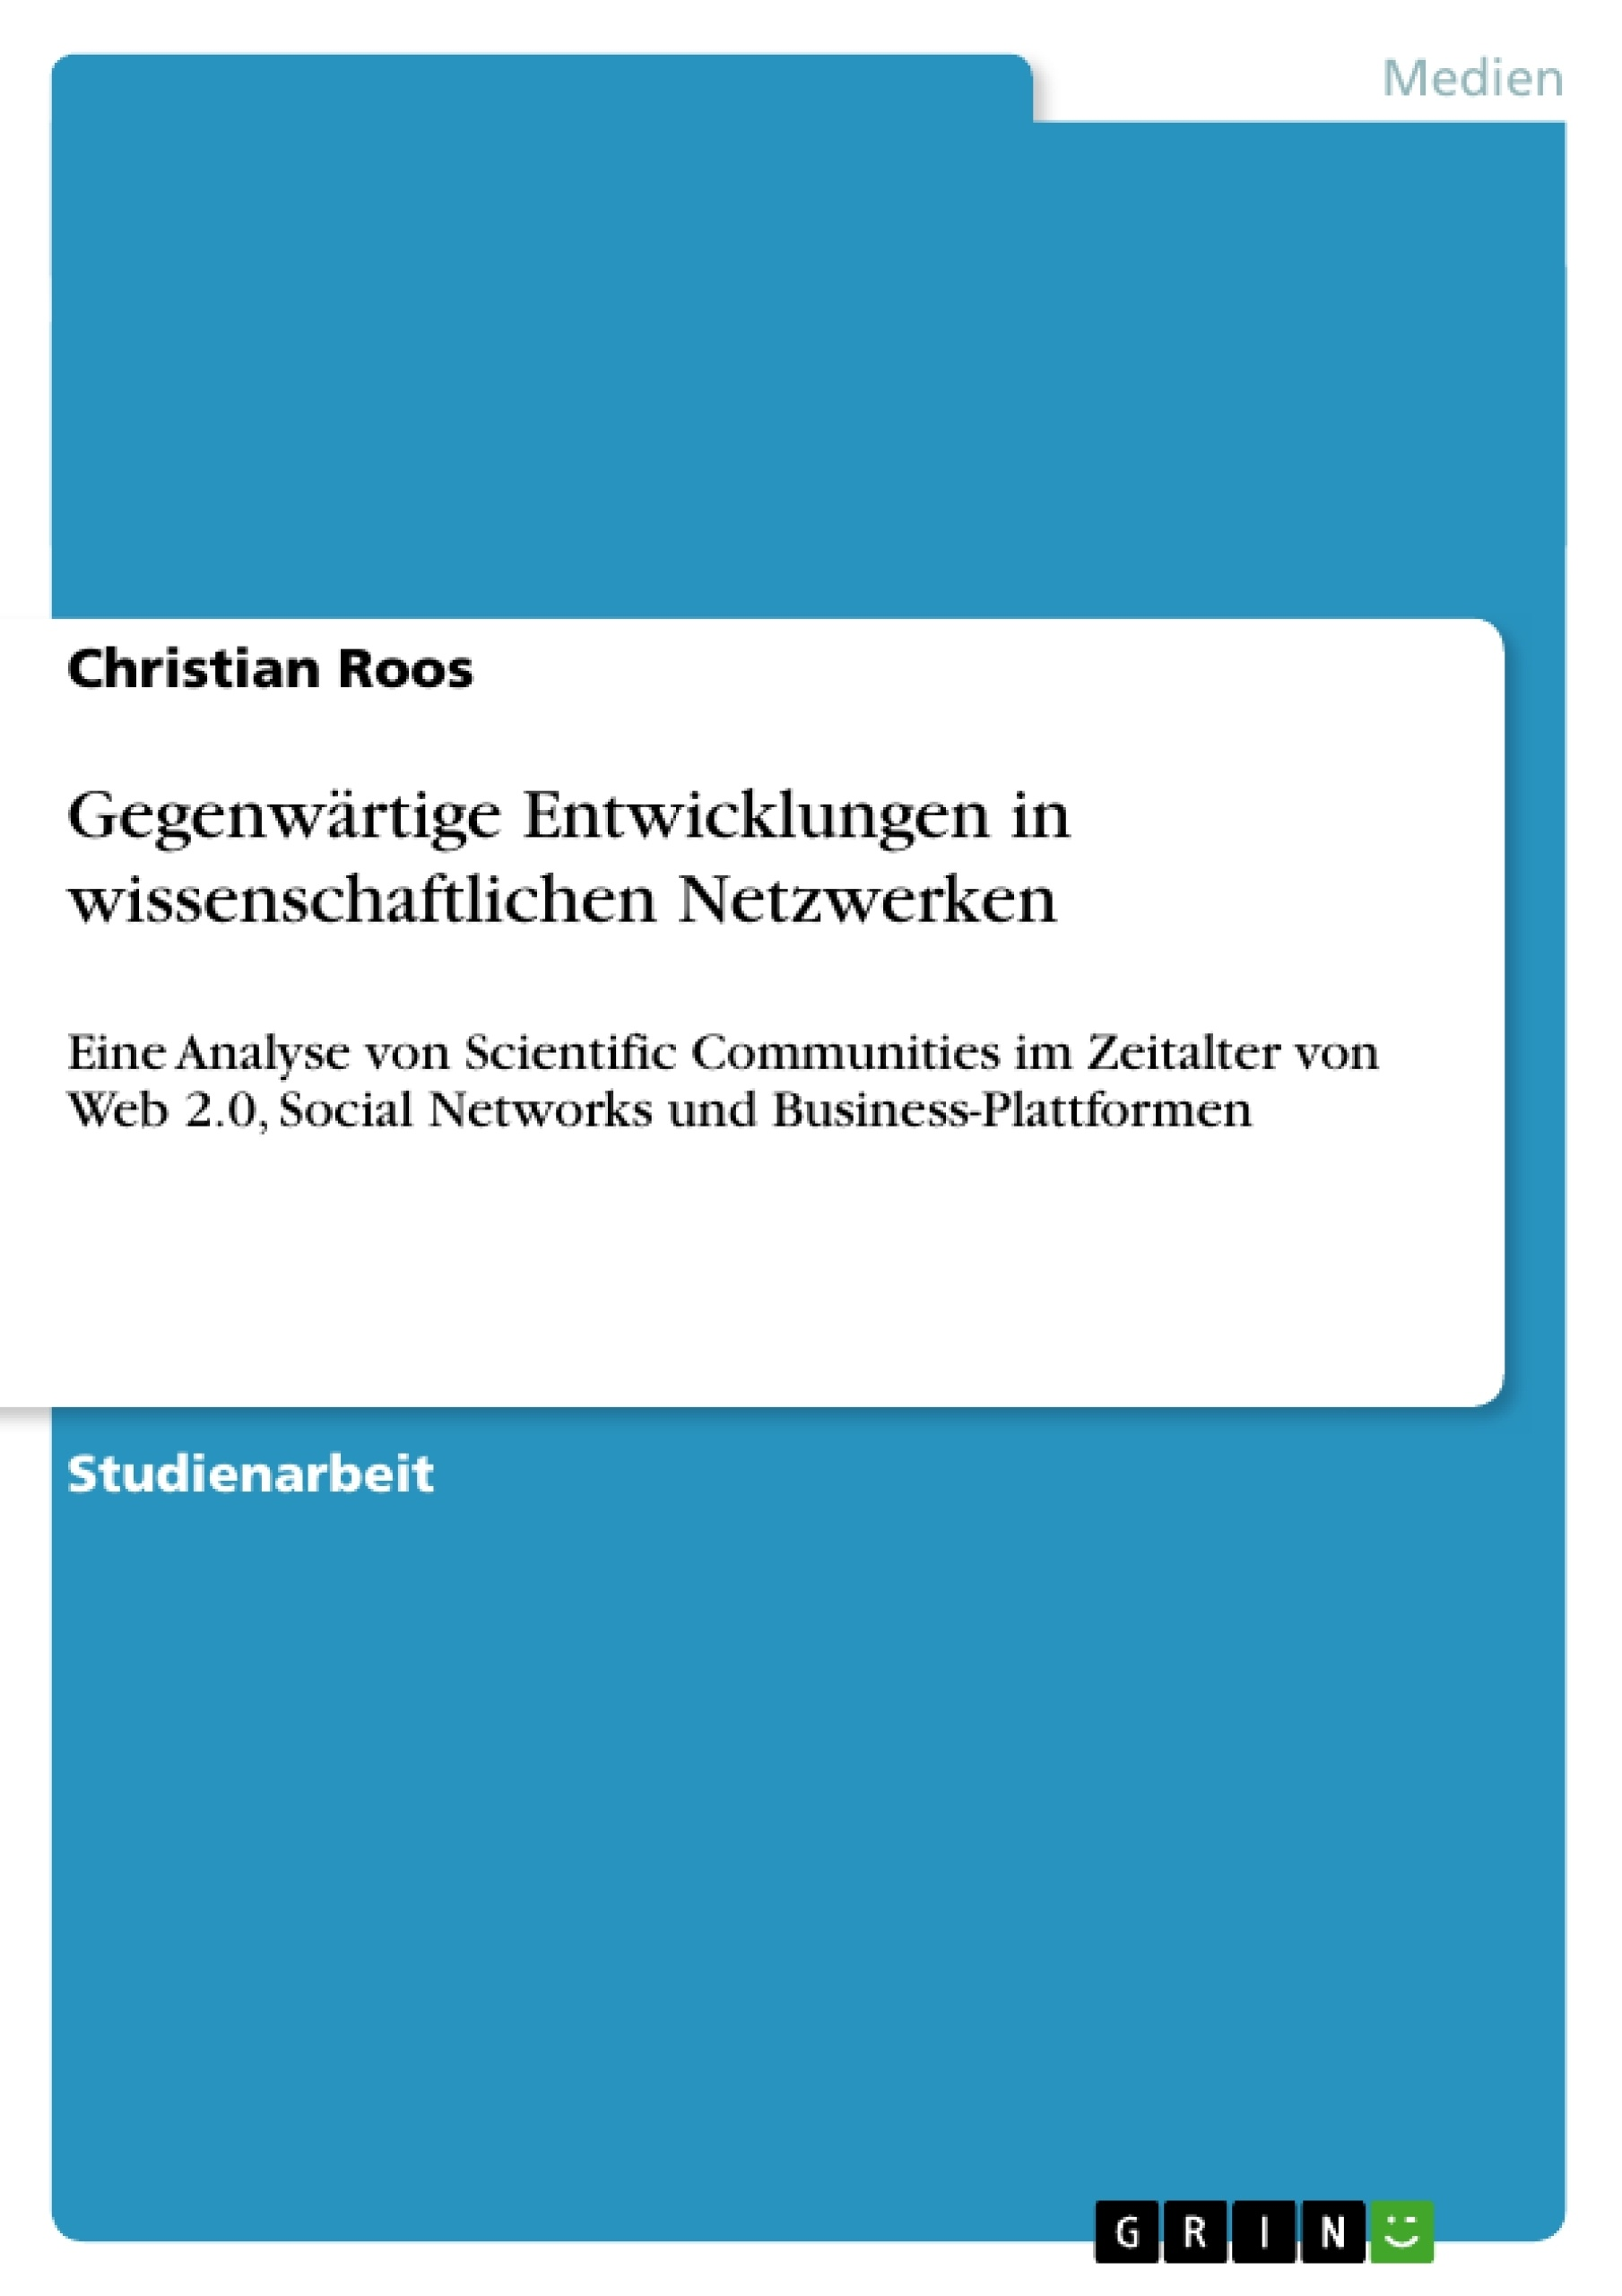 Titel: Gegenwärtige Entwicklungen in wissenschaftlichen Netzwerken